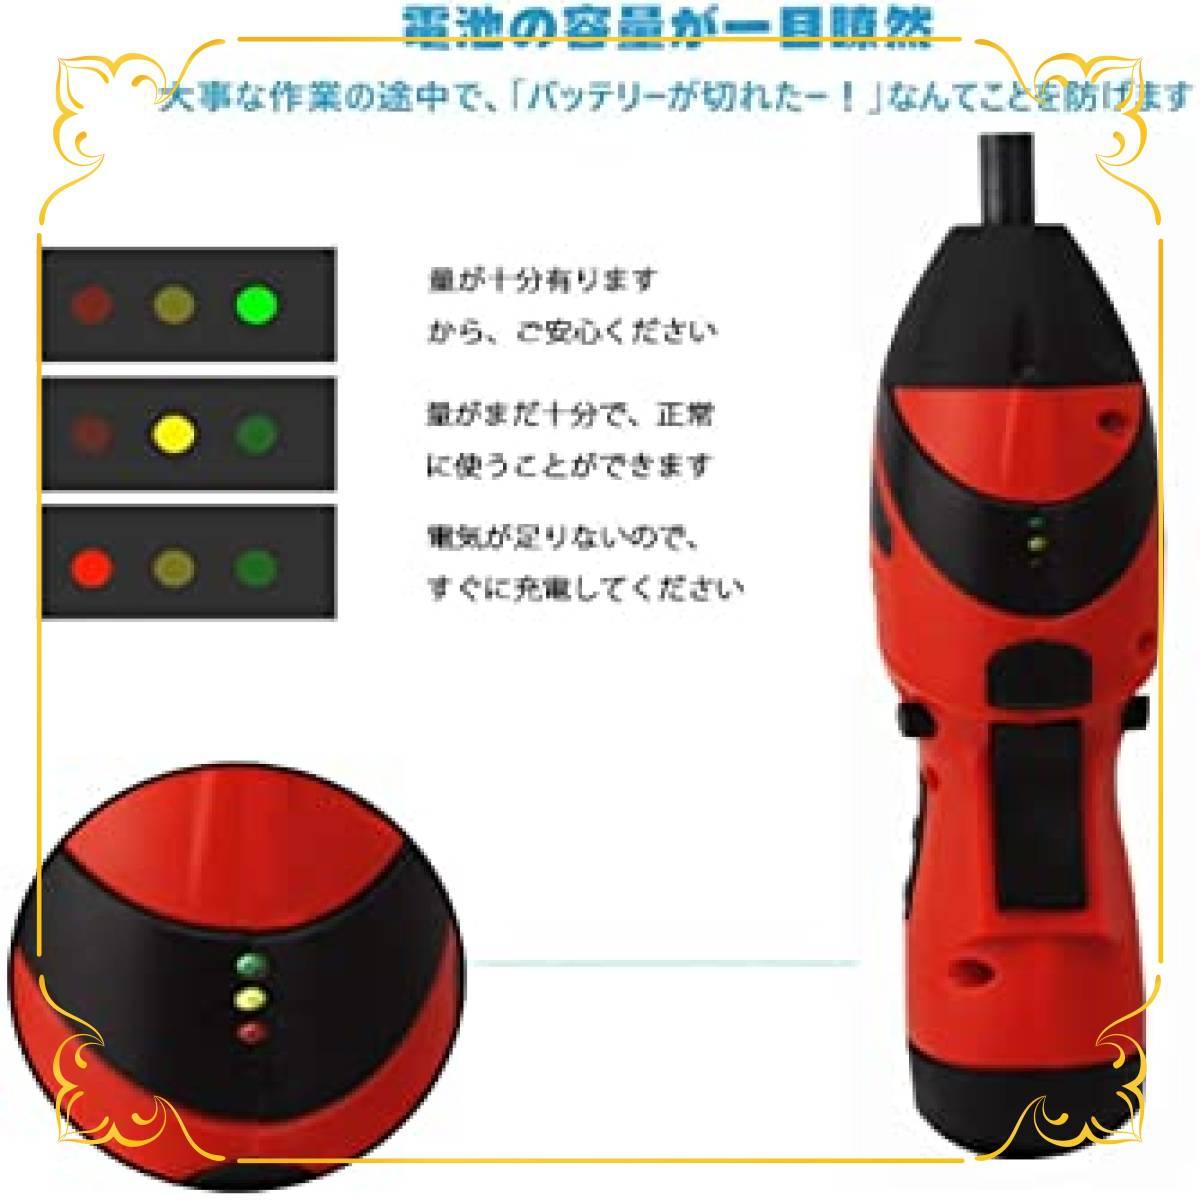 XINGEJU 電動ドライバー ドライバーセット 電動ドリル 充電式 正逆転可能 コードレス 照明機能 充電式 小型 軽量 43_画像3